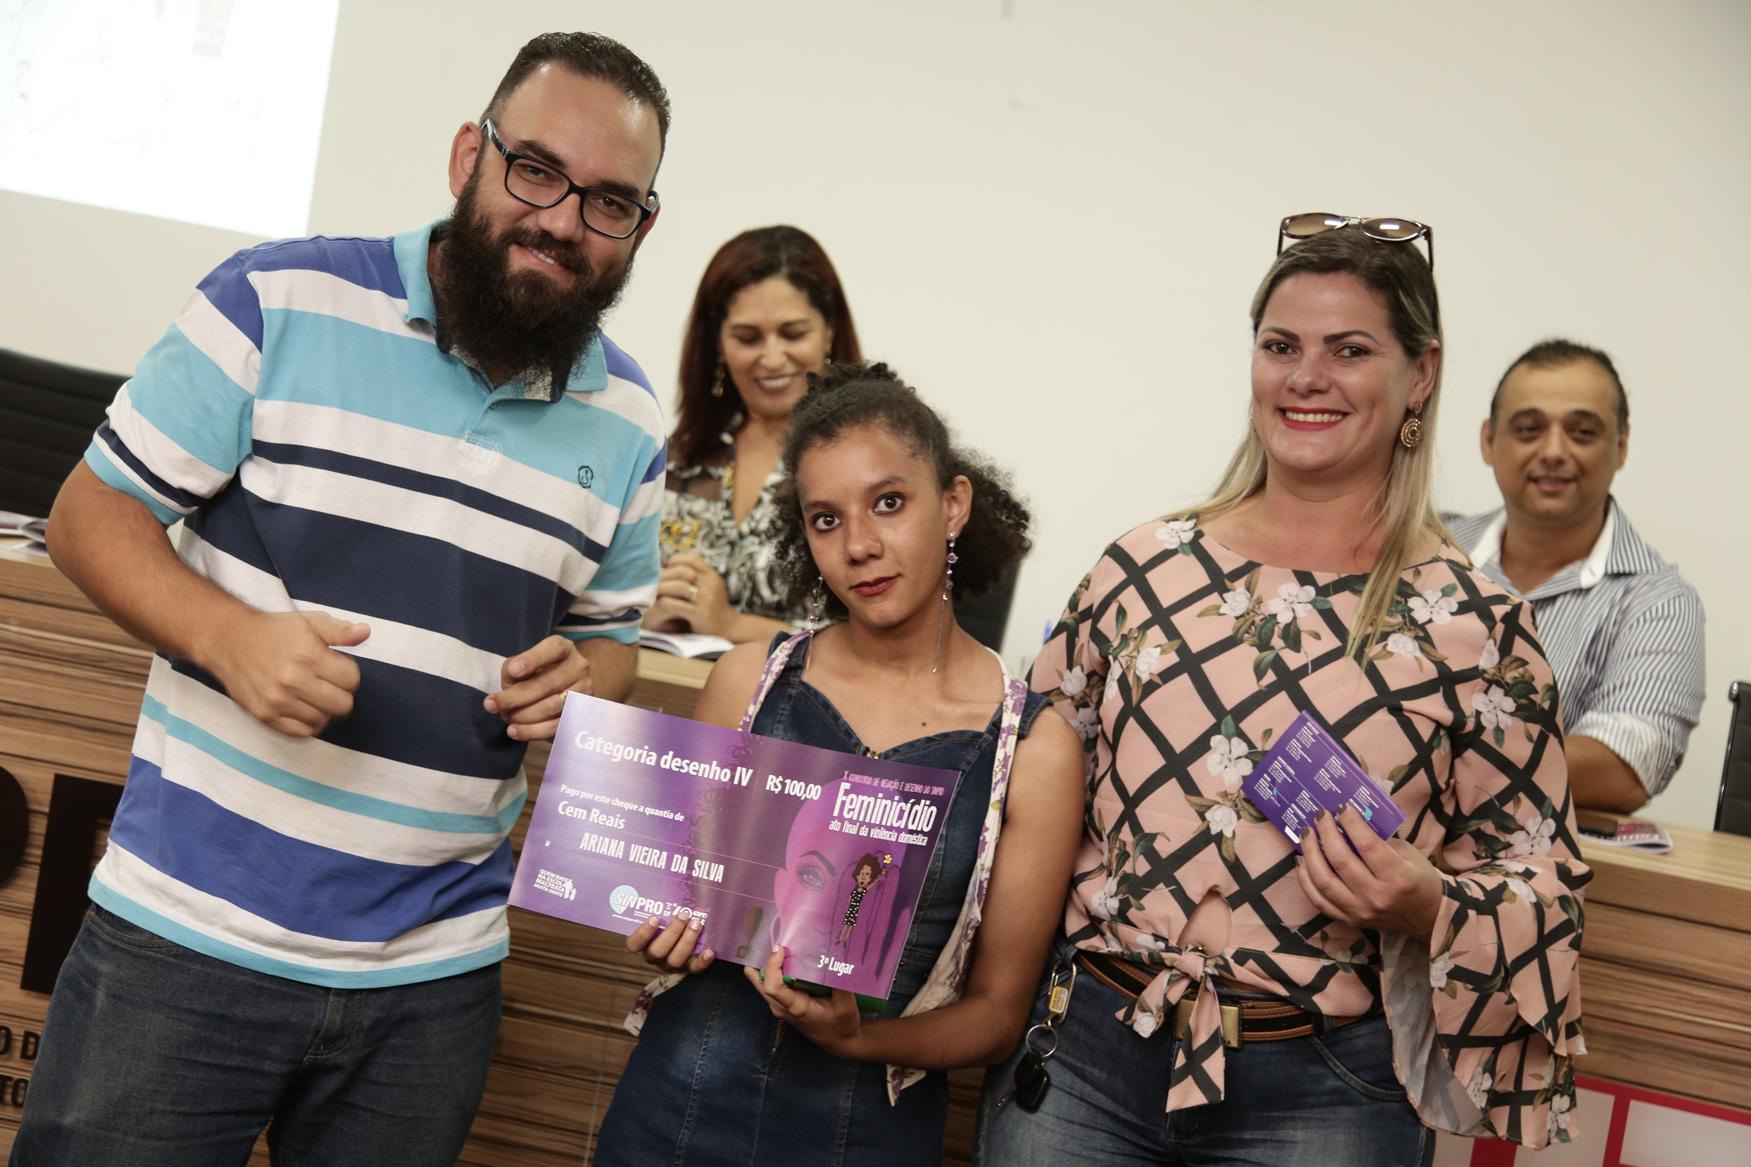 2019.05.19-Premiacao-do-X-Concurso-de-Redacao-do-Sinpro-DF_fotos-ECOM-120